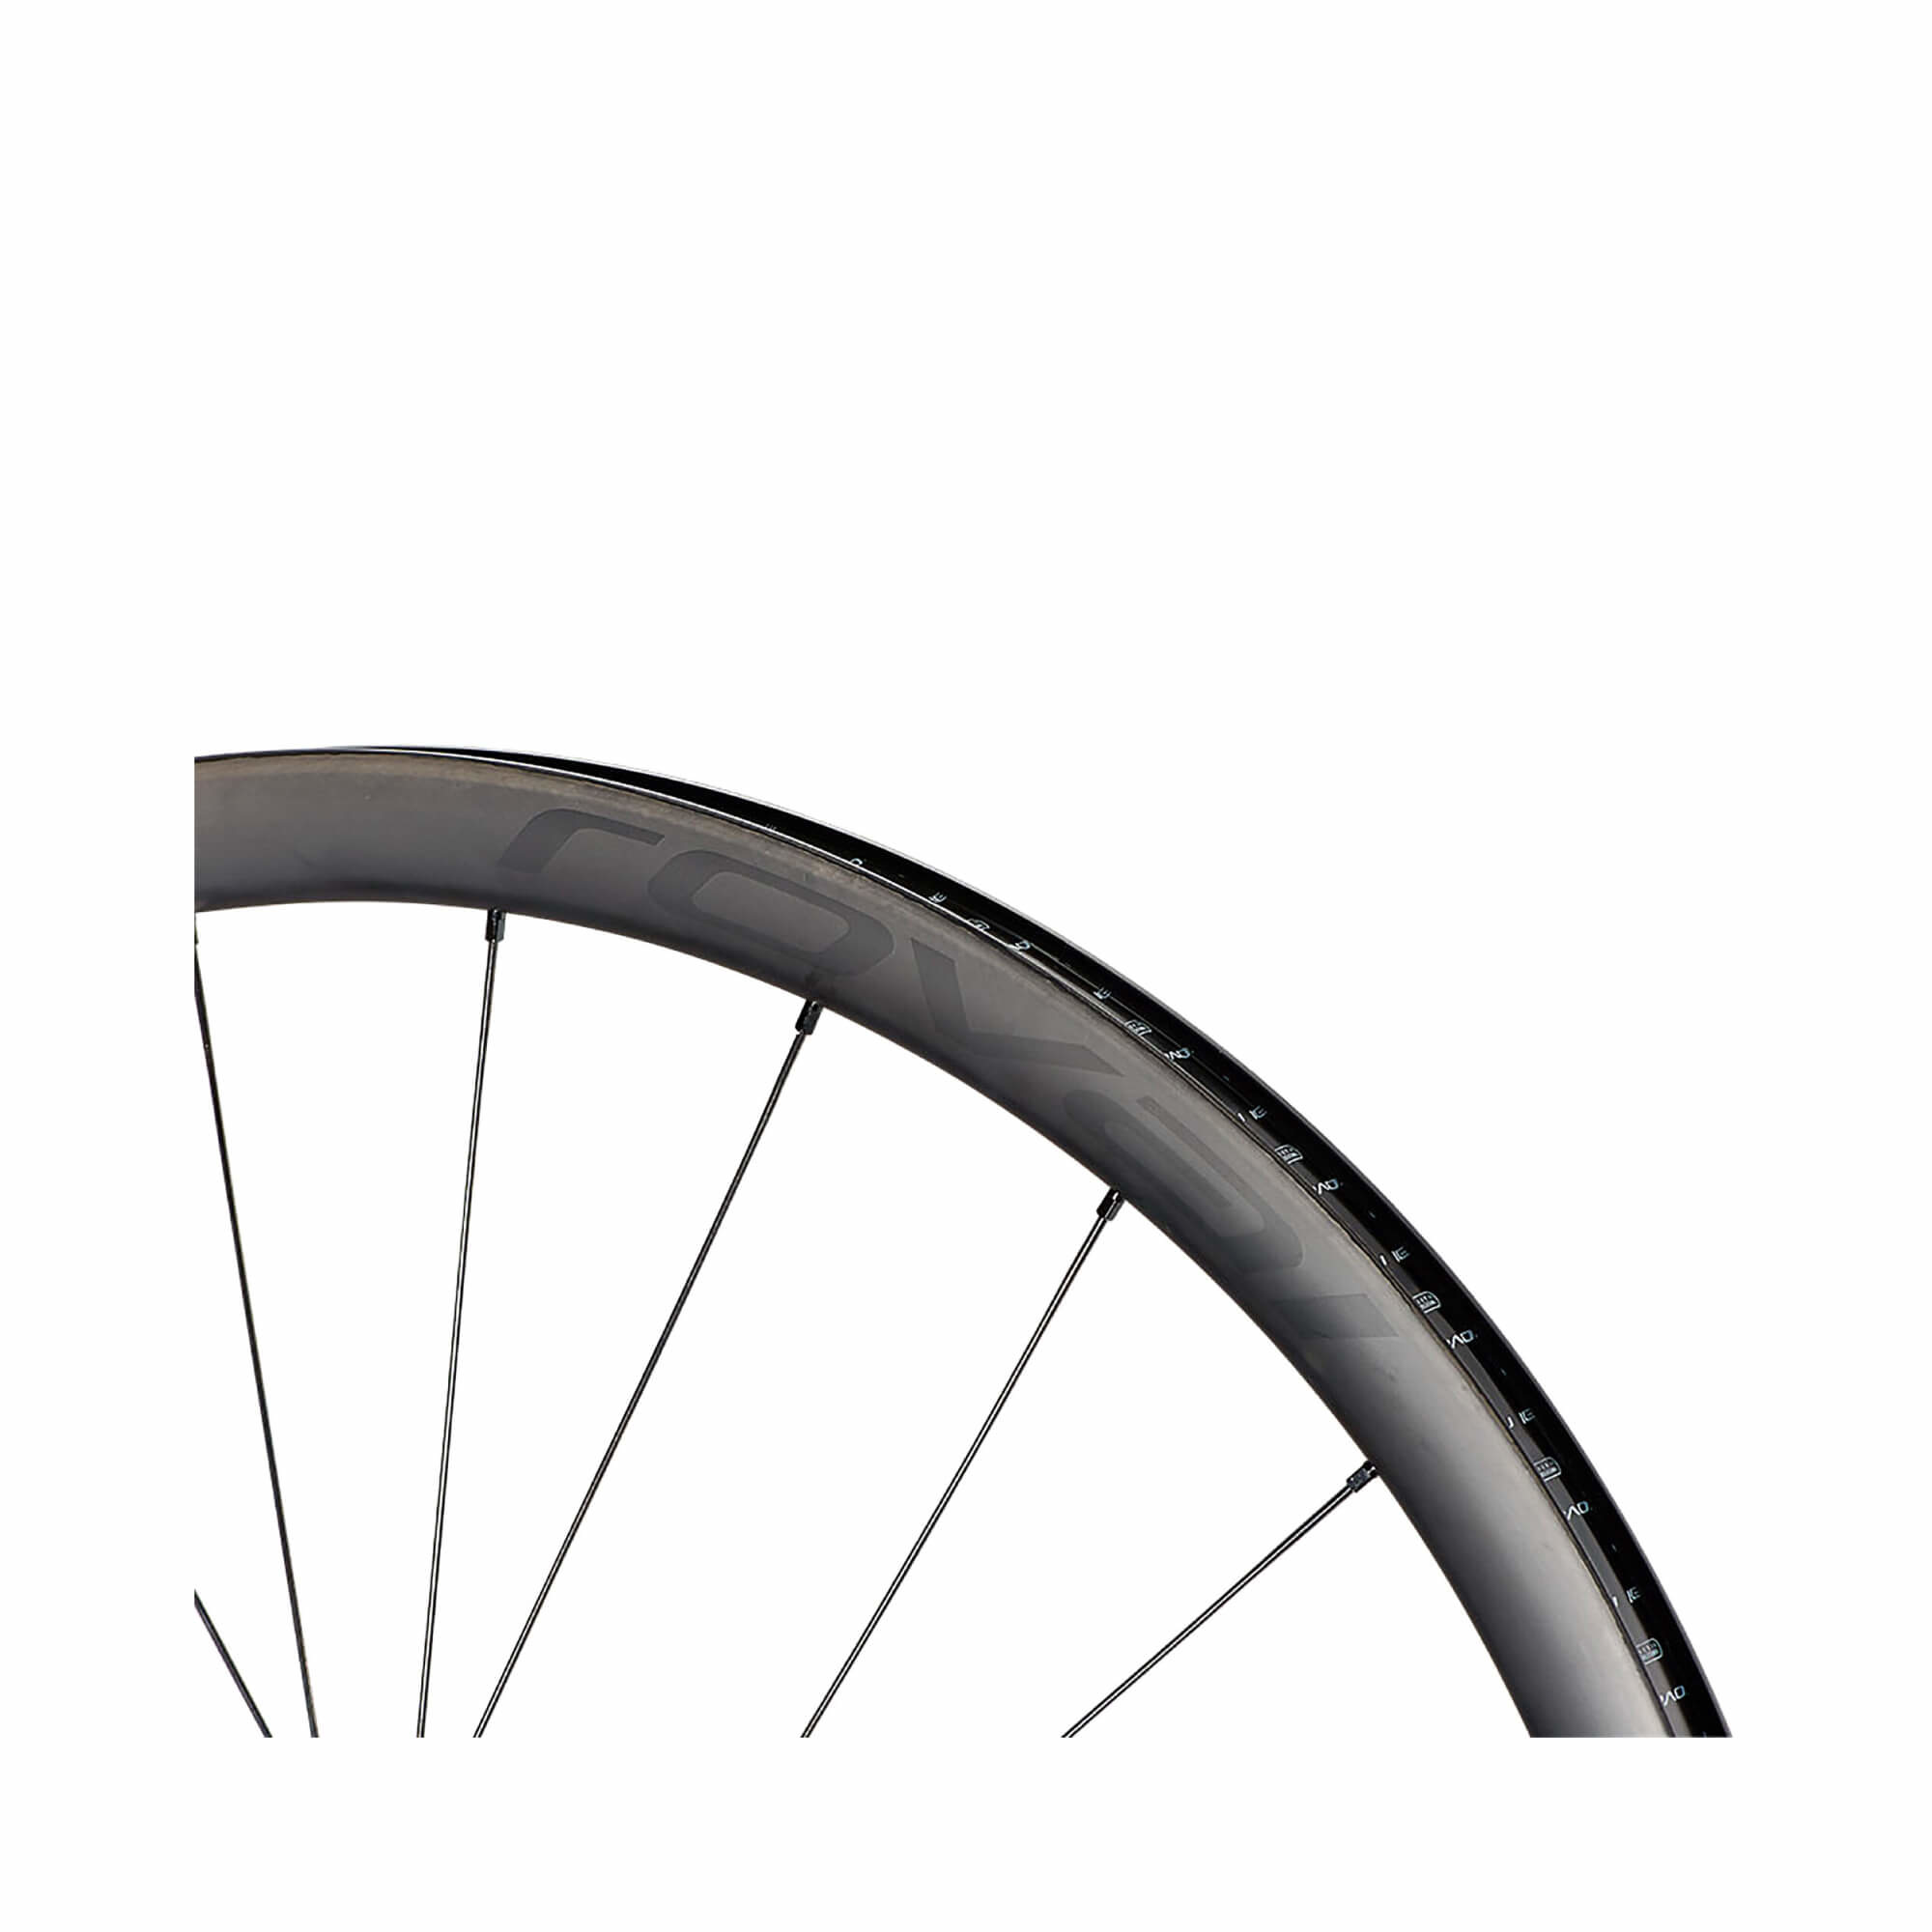 Roval CL Terra Wheelset DT 350 J bend spoke-6